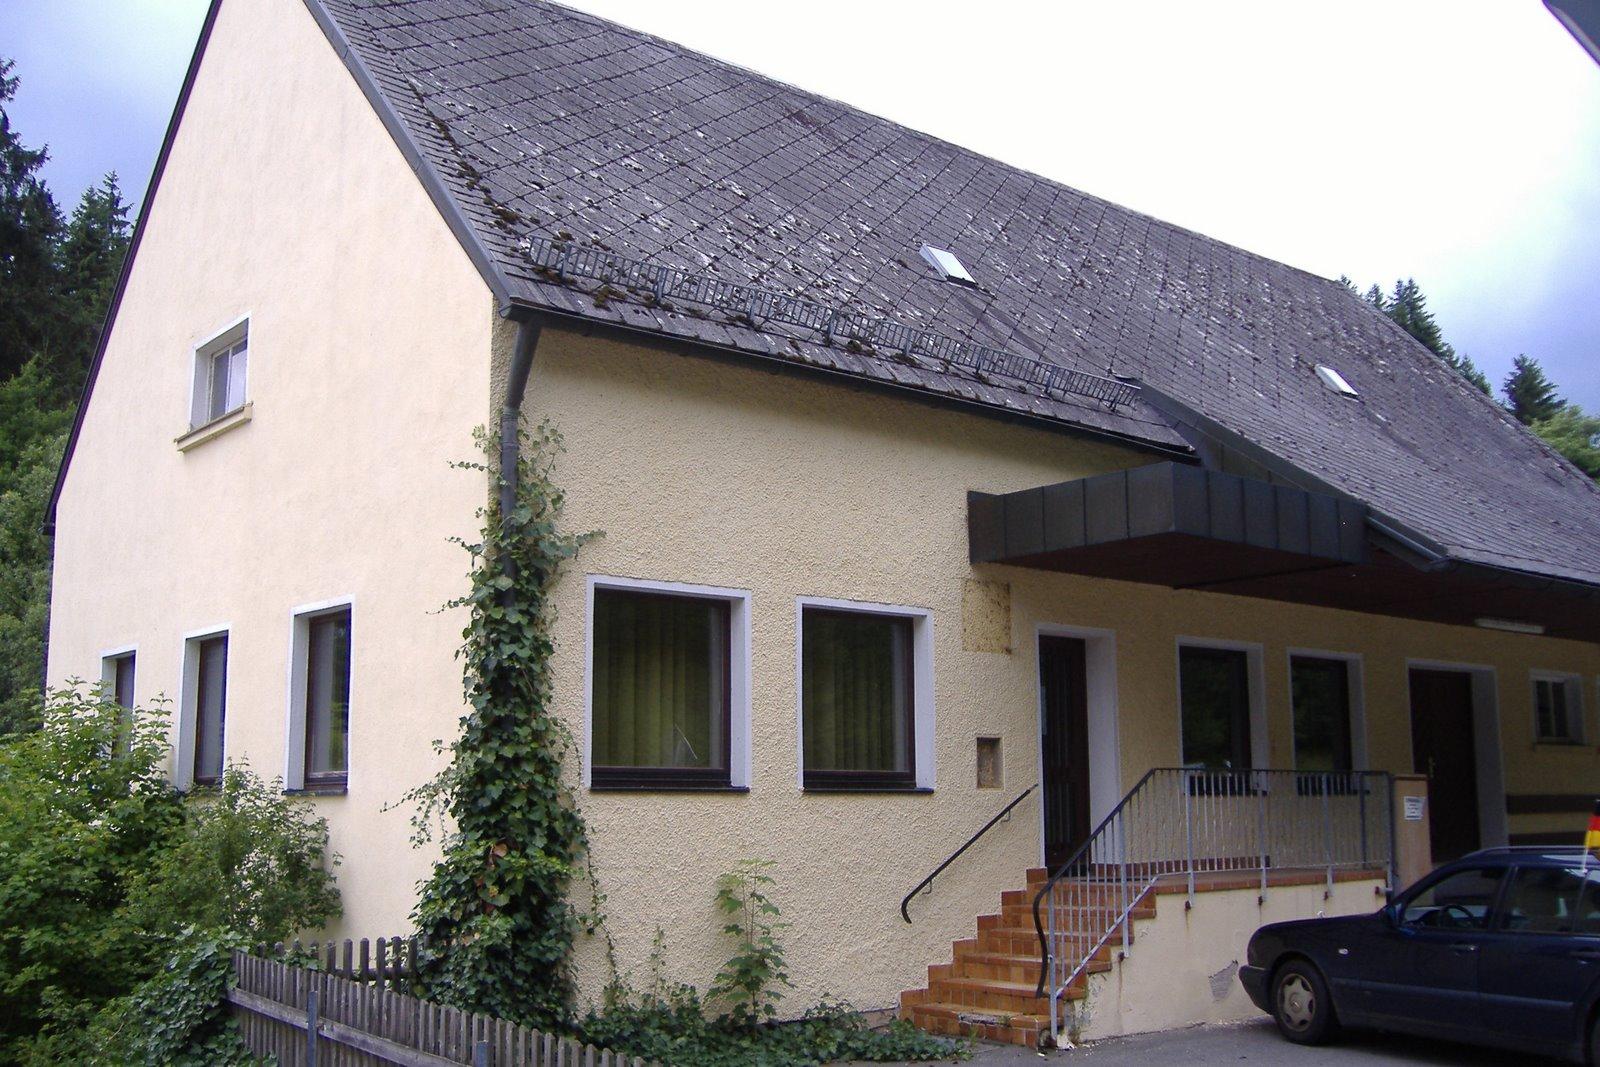 Haus in bayern wohnen in einem lager werkstatt bayern haus Regensburg wohnung mieten